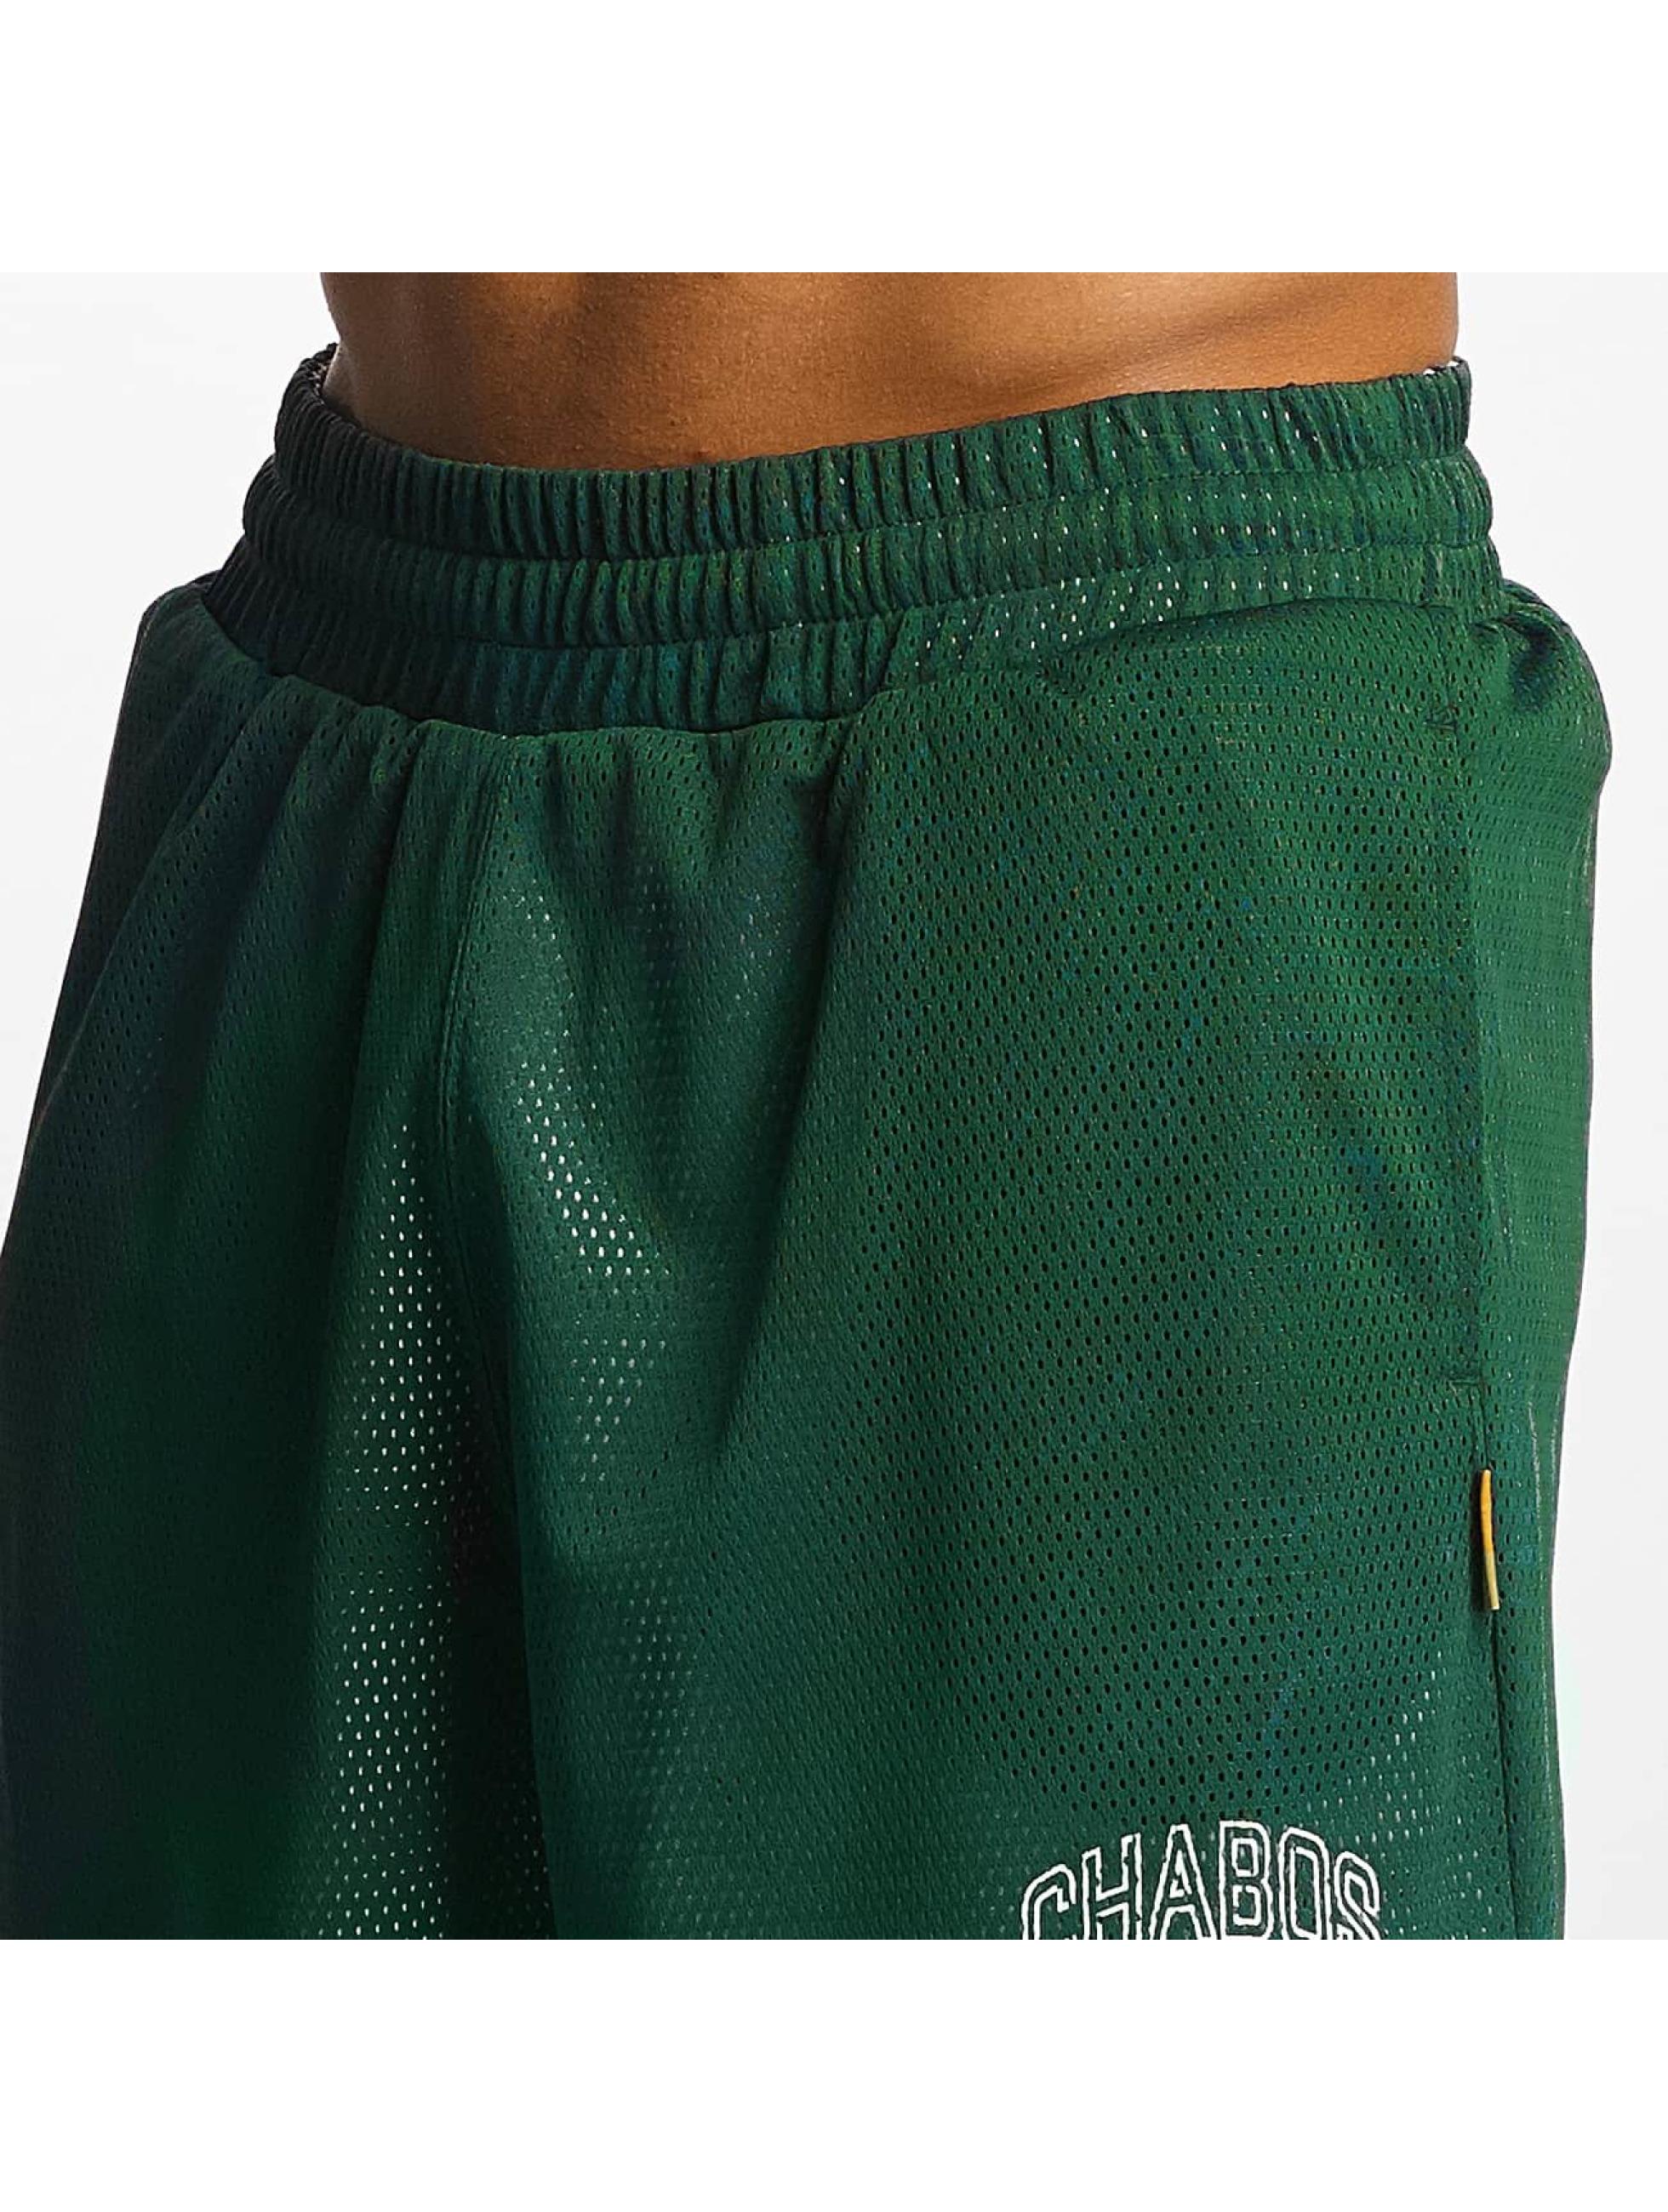 CHABOS IIVII Short Reversible Mesh vert